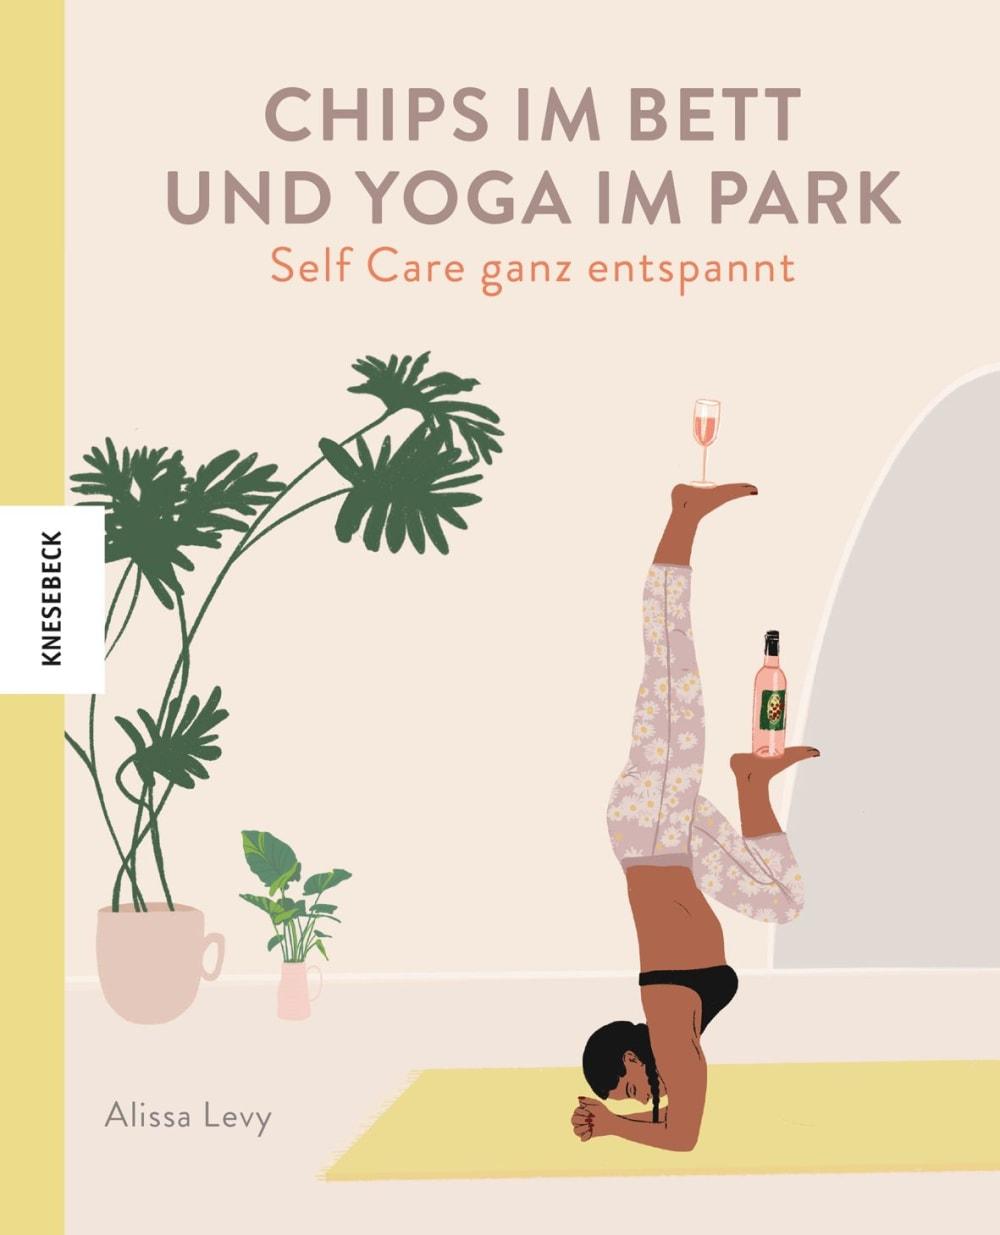 »Chips im Bett und Yoga im Park - Self Care ganz entspannt« — Knesebeck